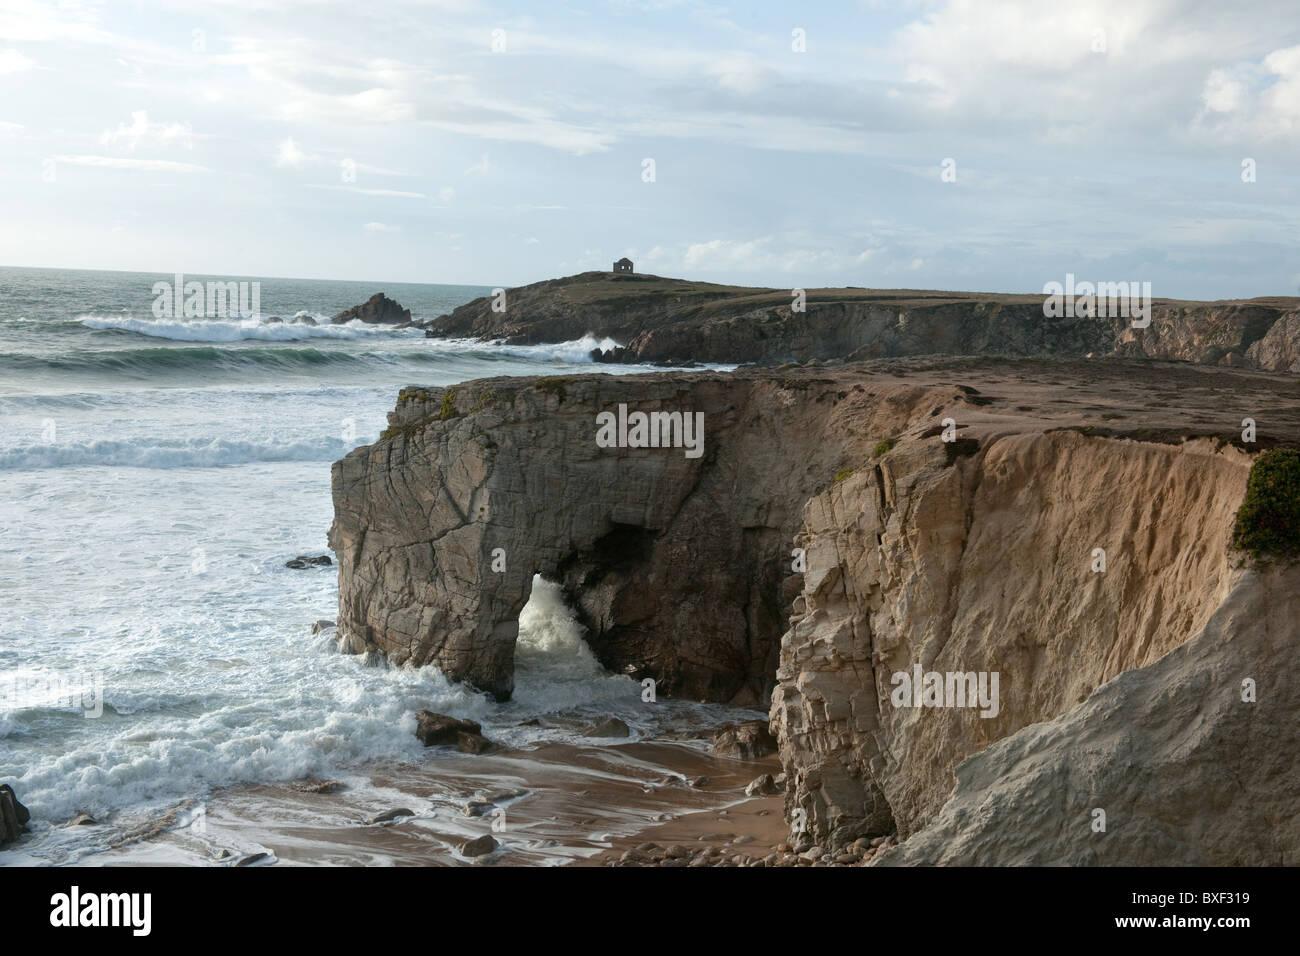 Cancello in rocce sotto il cielo velato, Cote Sauvage Quiberon, Bretagna, Francia, Europa Immagini Stock